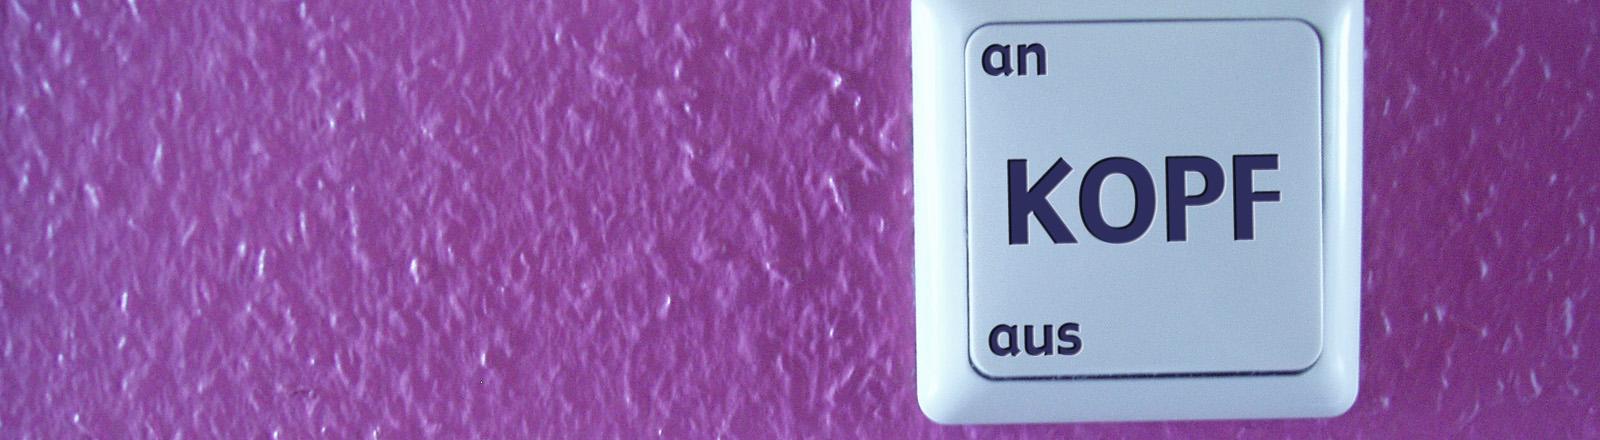 Schalter, auf dem steht: Kopf, an, aus.